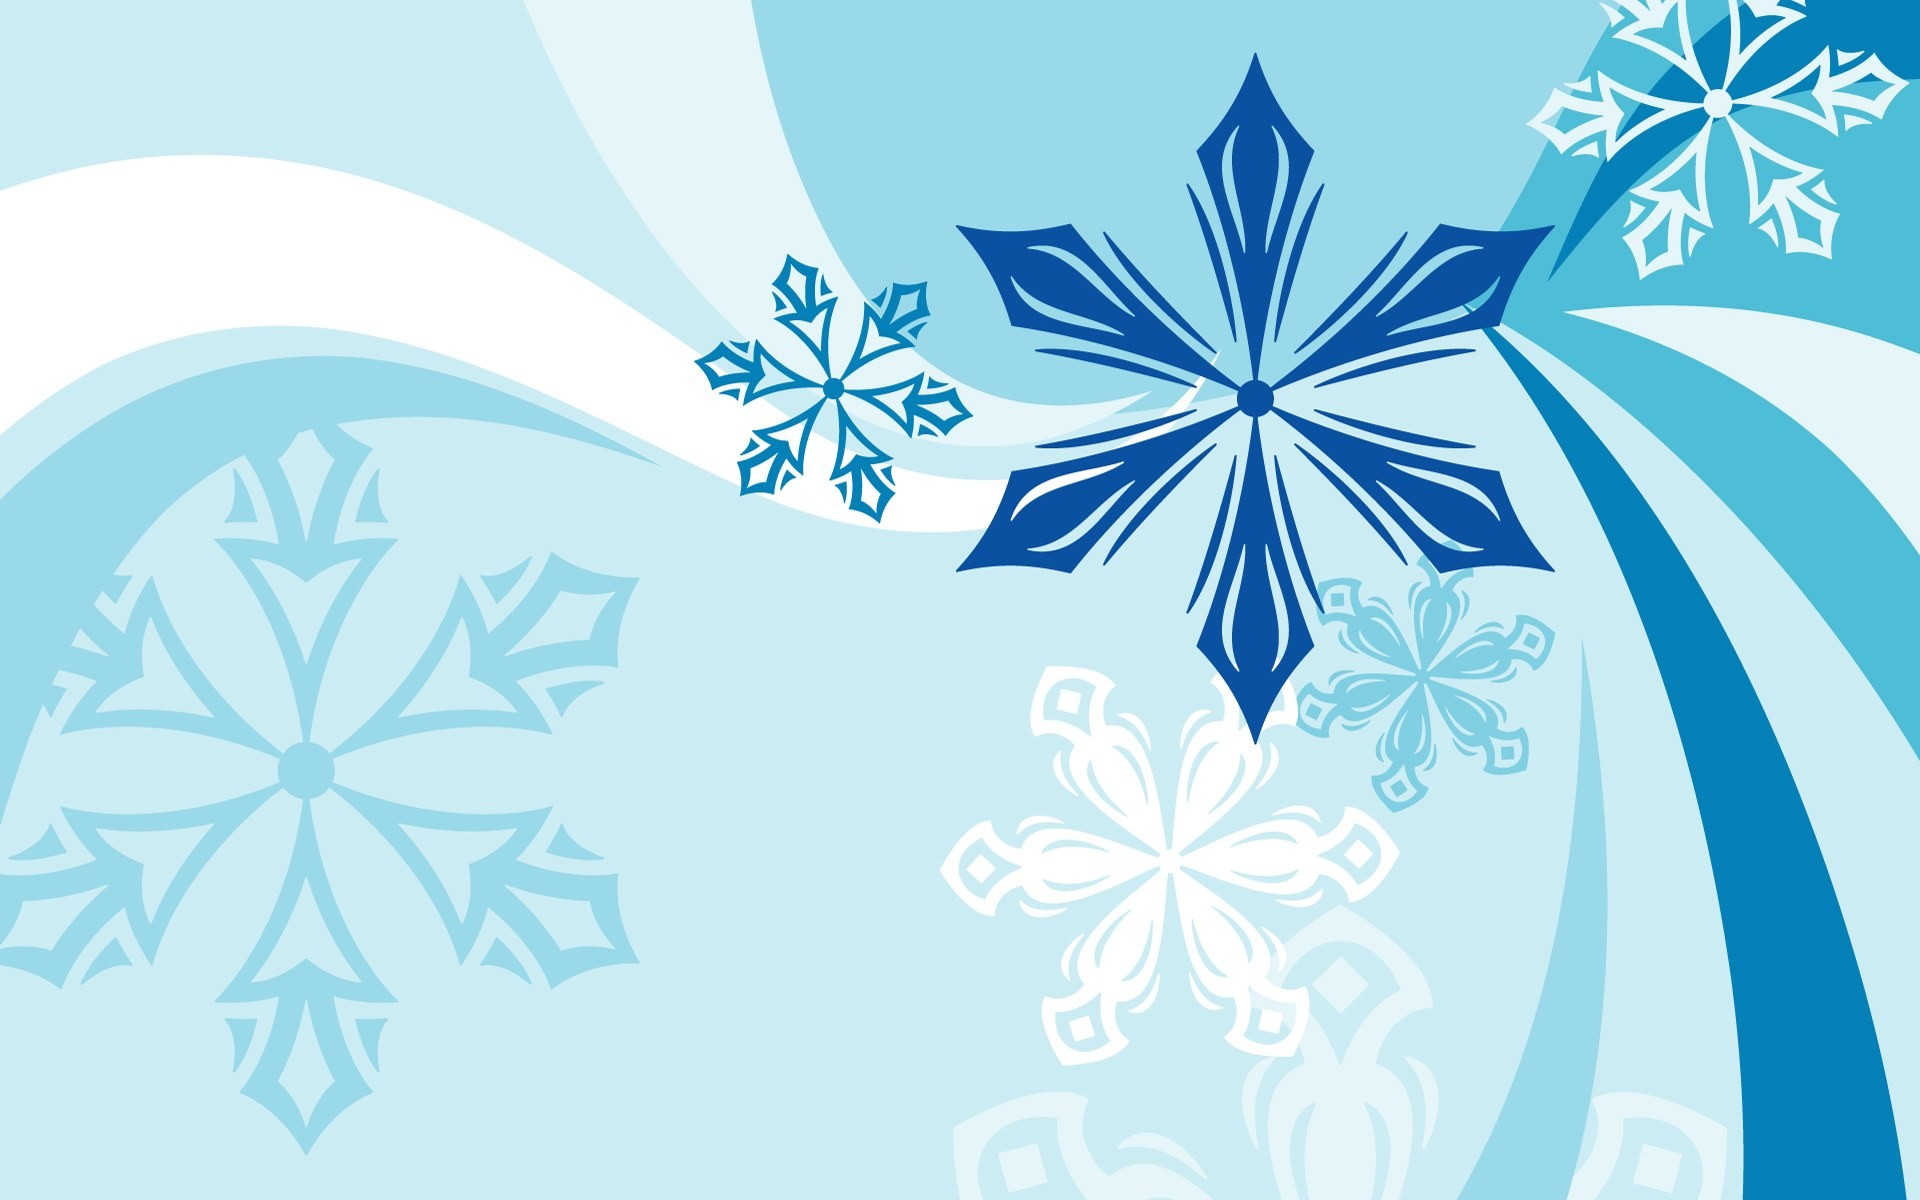 winter tree clip art free ... fbff1a0b24f0761d6c3248ae76c741 .